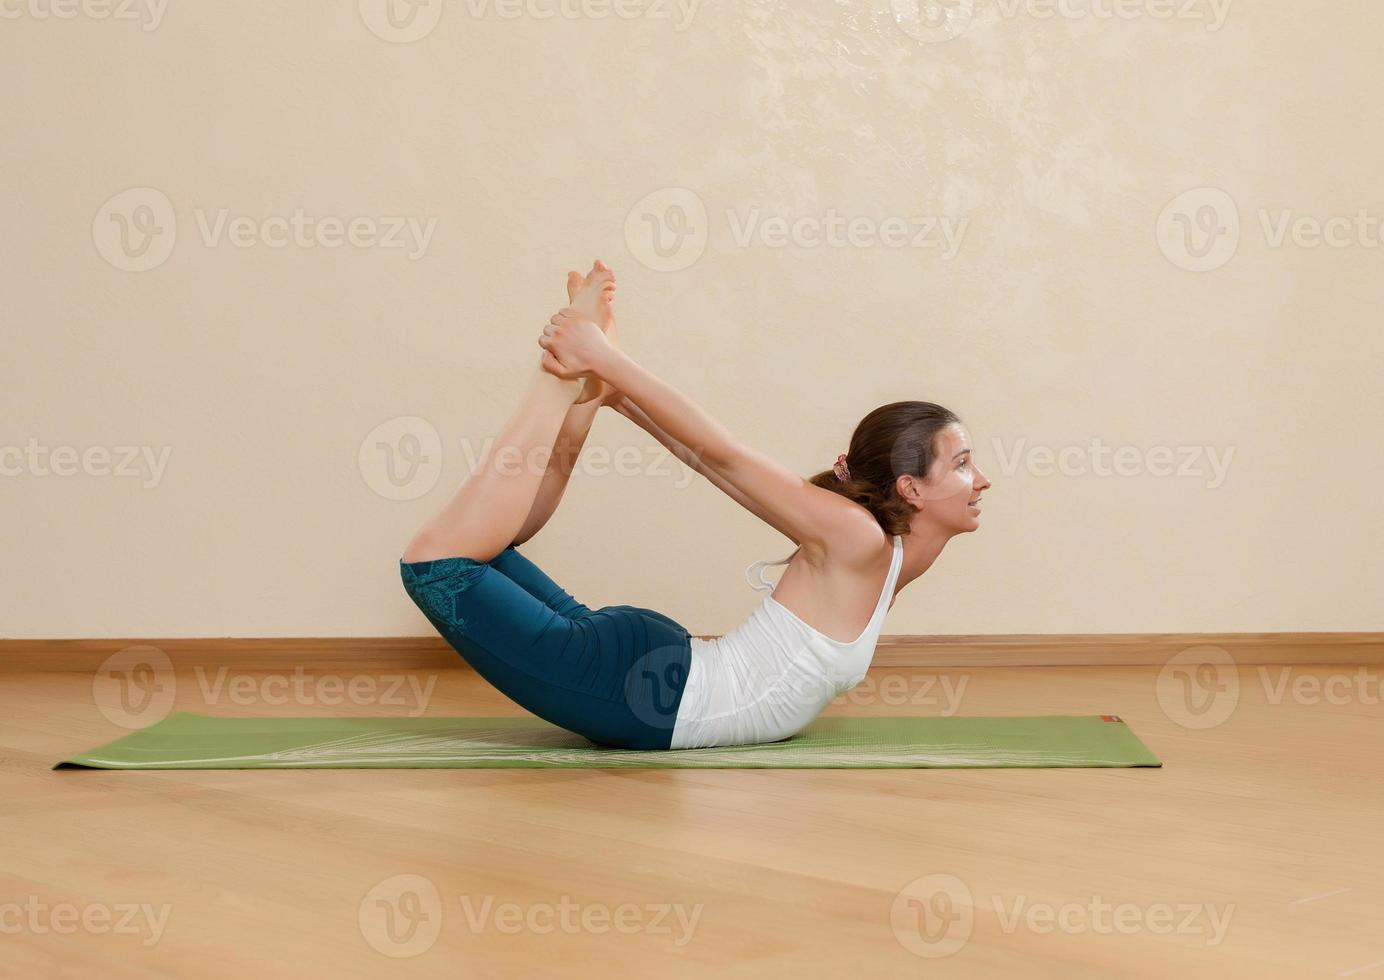 kaukasisk kvinna utövar yoga i studion (dhanurasana) foto